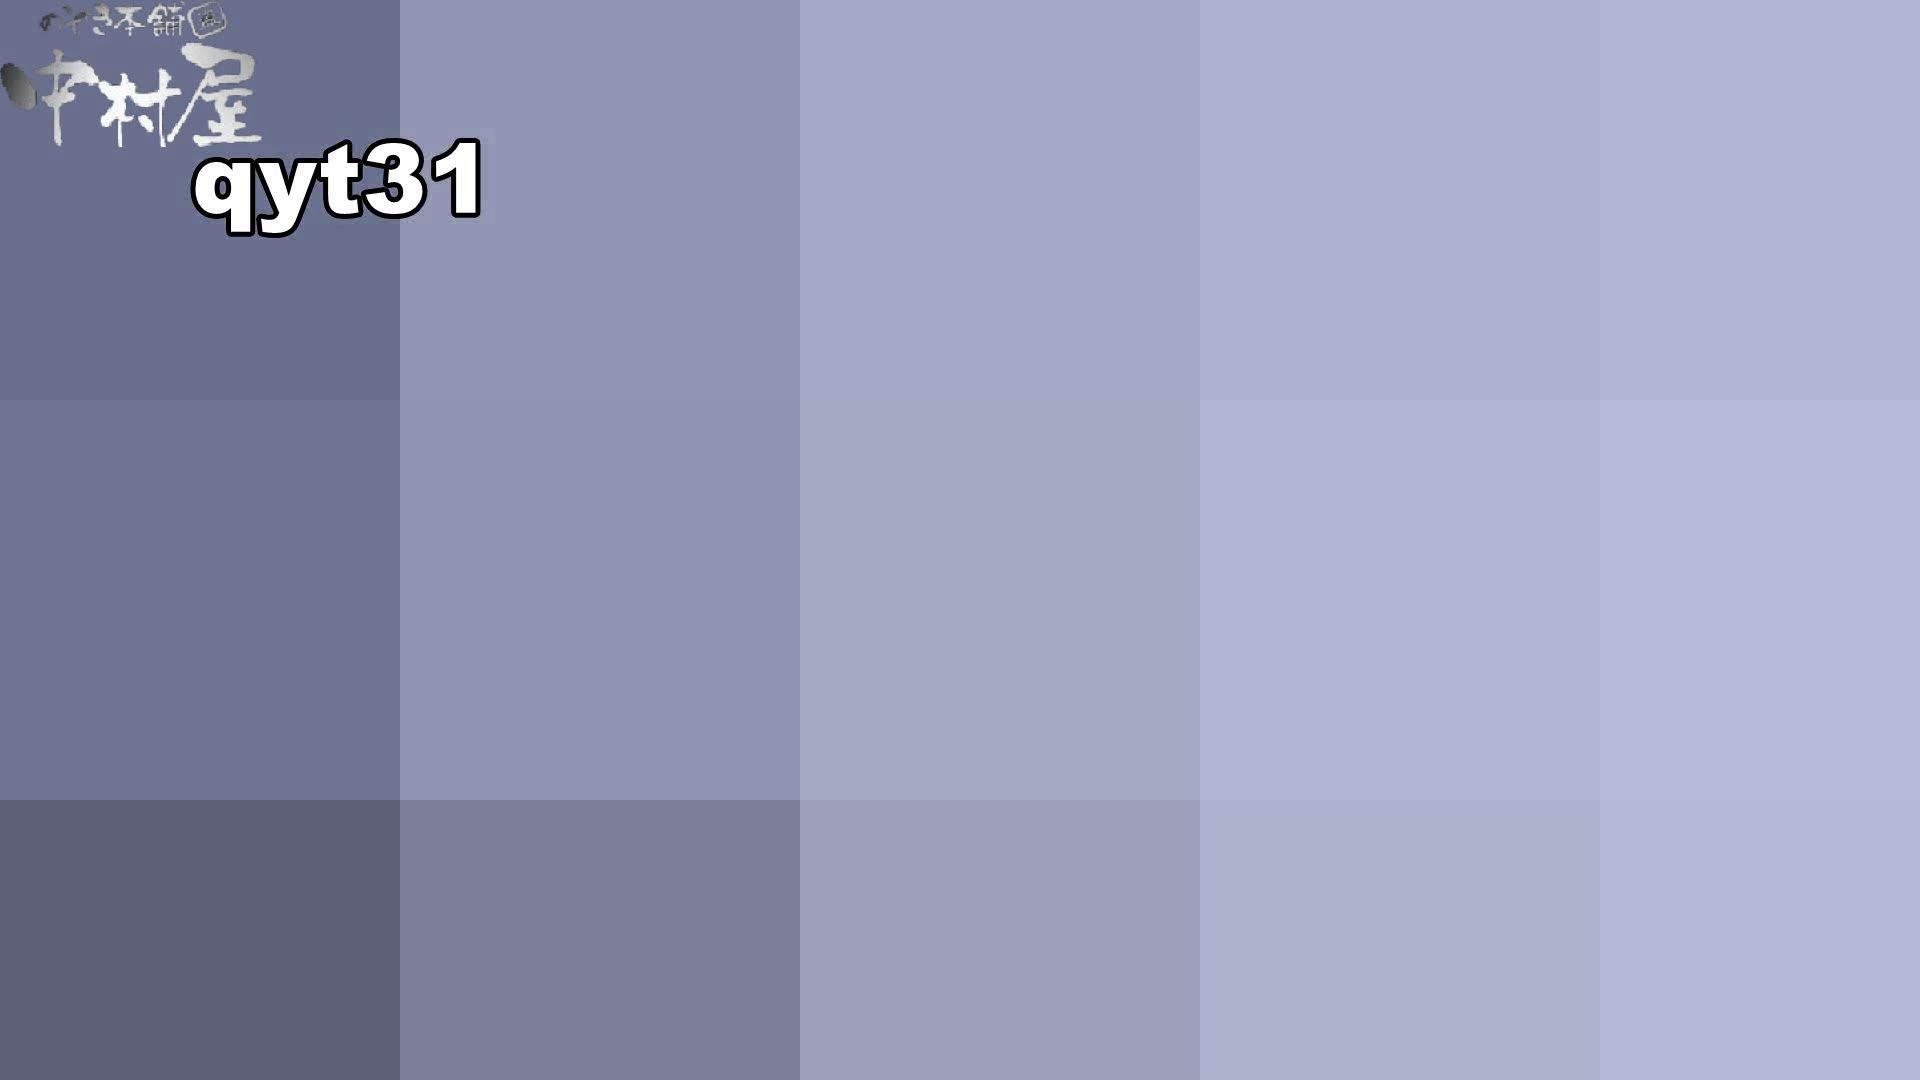 【お銀さんの「洗面所突入レポート!!」】お銀さんの「洗面所突入レポート!!」 vol.31 Σ(||゚Д゚)ヒィ~!! OLセックス  66画像 28